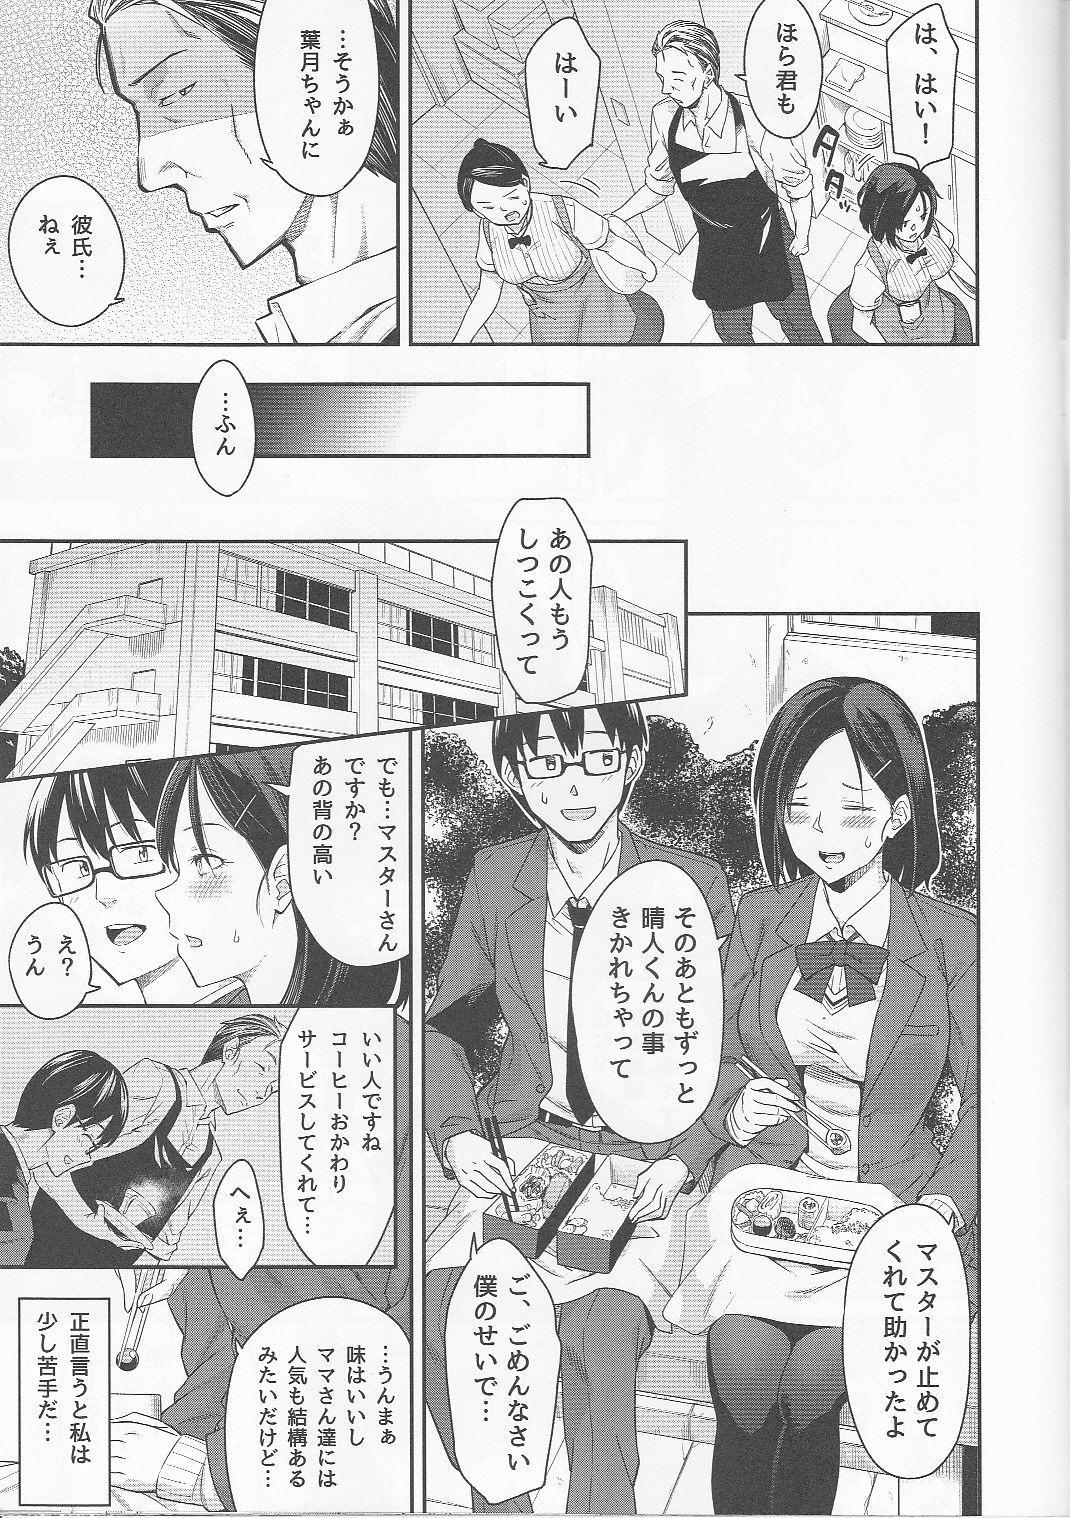 [Orikuchi Hirata] Toranoana Haru no Adult Kanshasai ~NTR Hen~ Kanojo no Shuumatsu Netorare Jijou 3